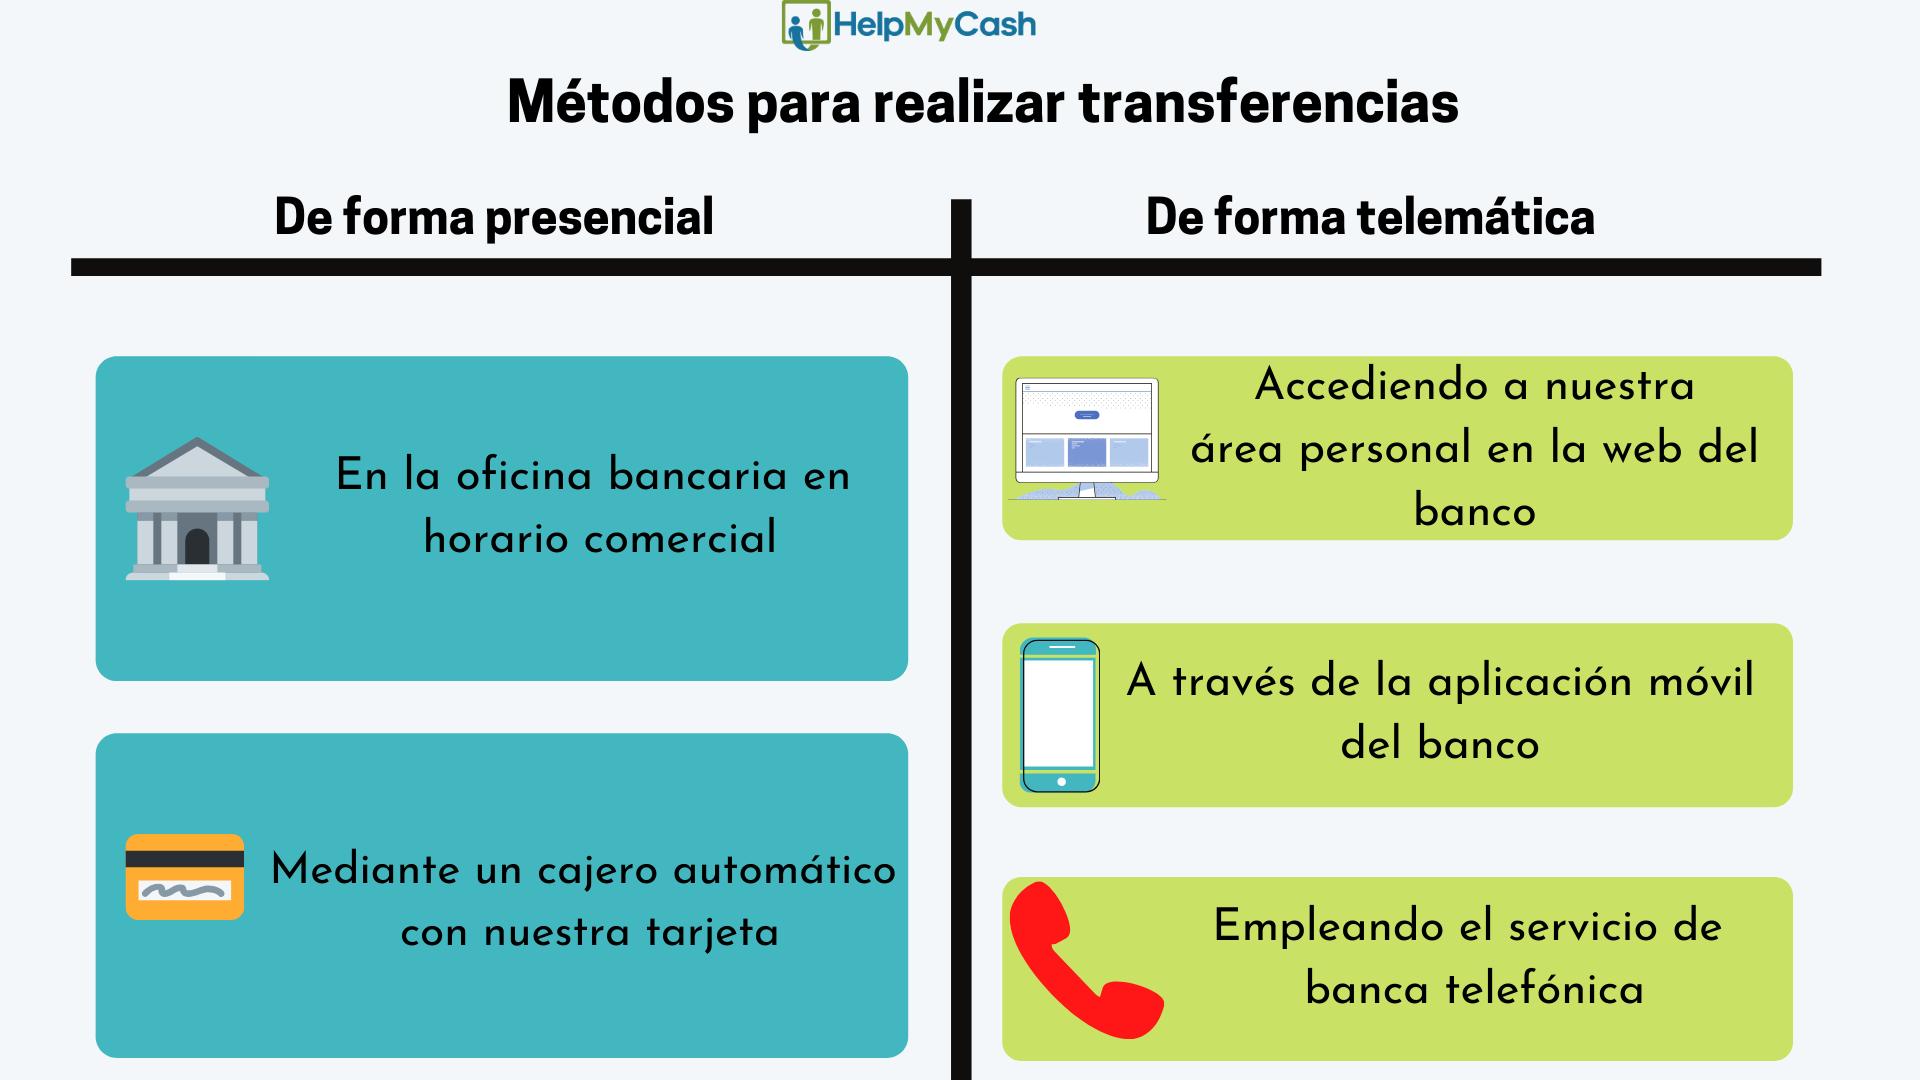 ¿Cómo hacer una transferencia bancaria?